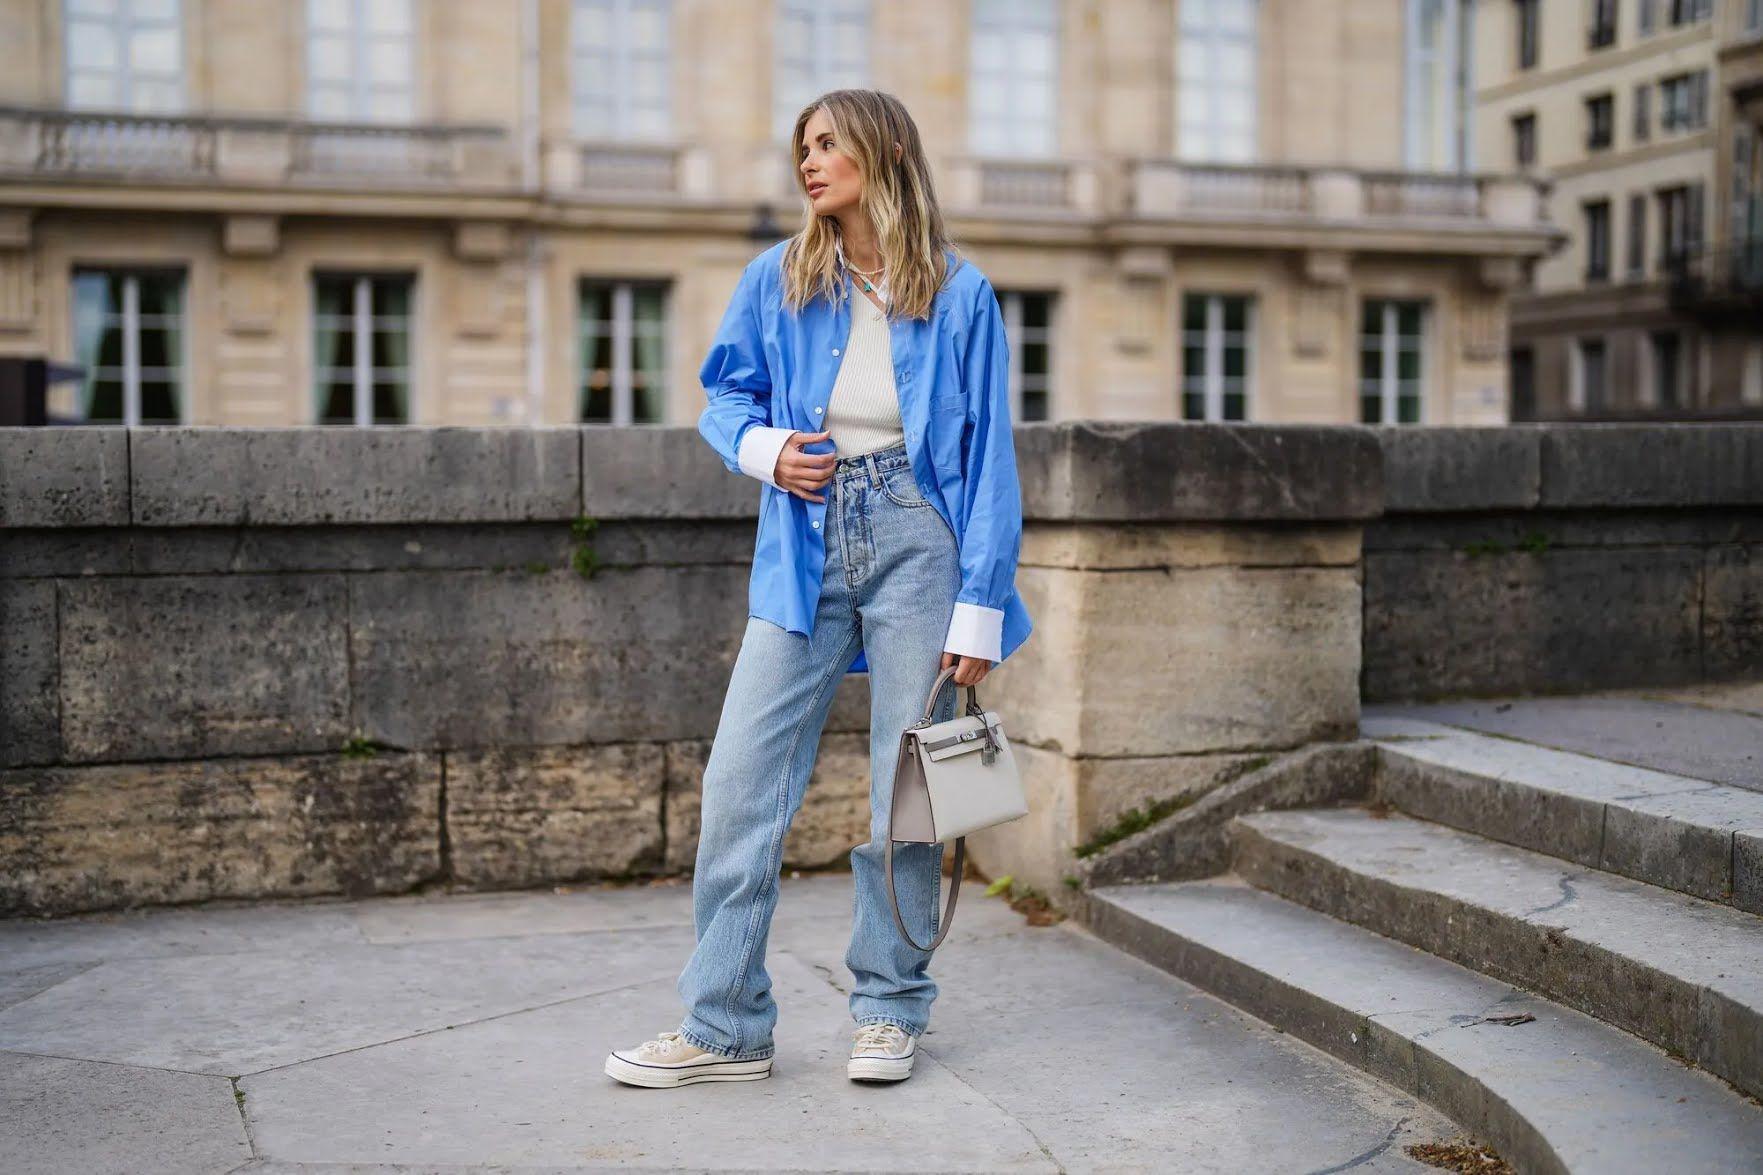 Модний образ з широкими джинсами